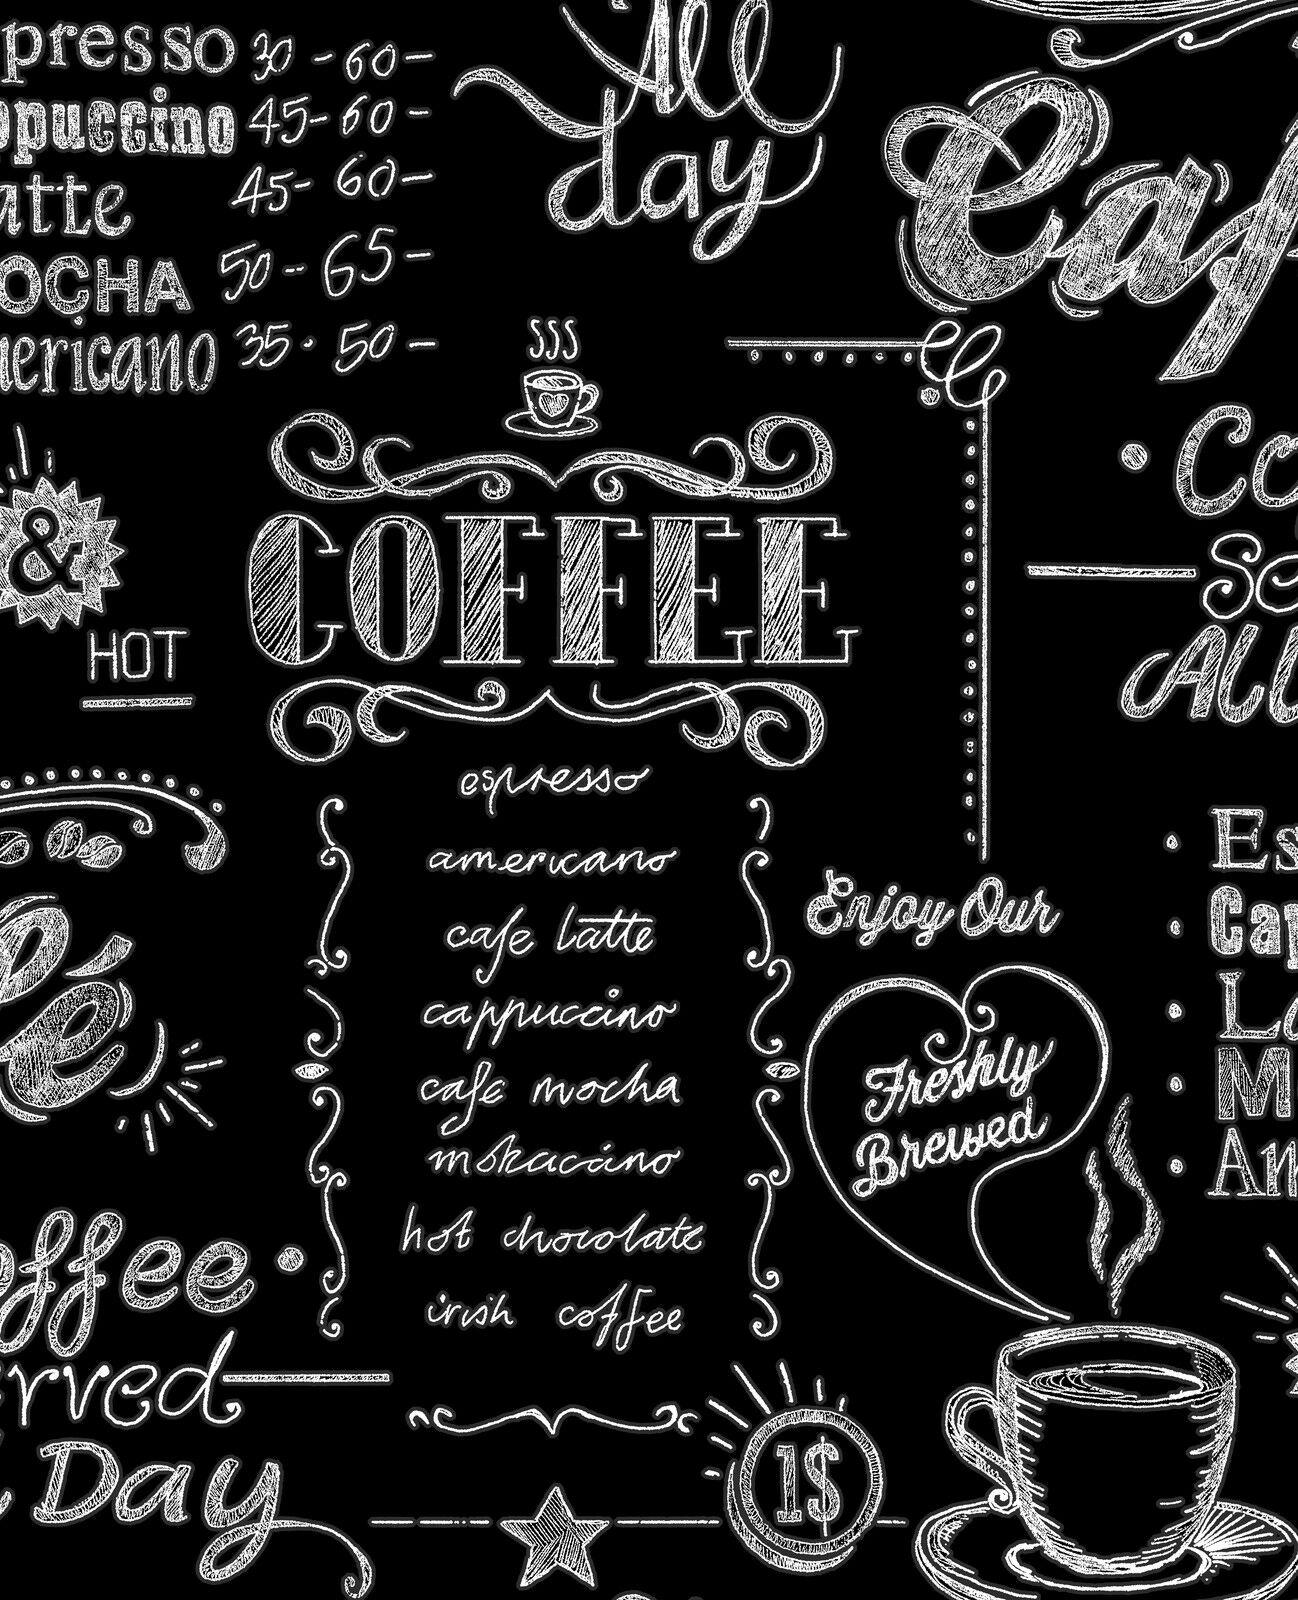 vliestapete k chen tapete coffee shop schwarz wei black white 32 993 kaffee kaufen bei. Black Bedroom Furniture Sets. Home Design Ideas